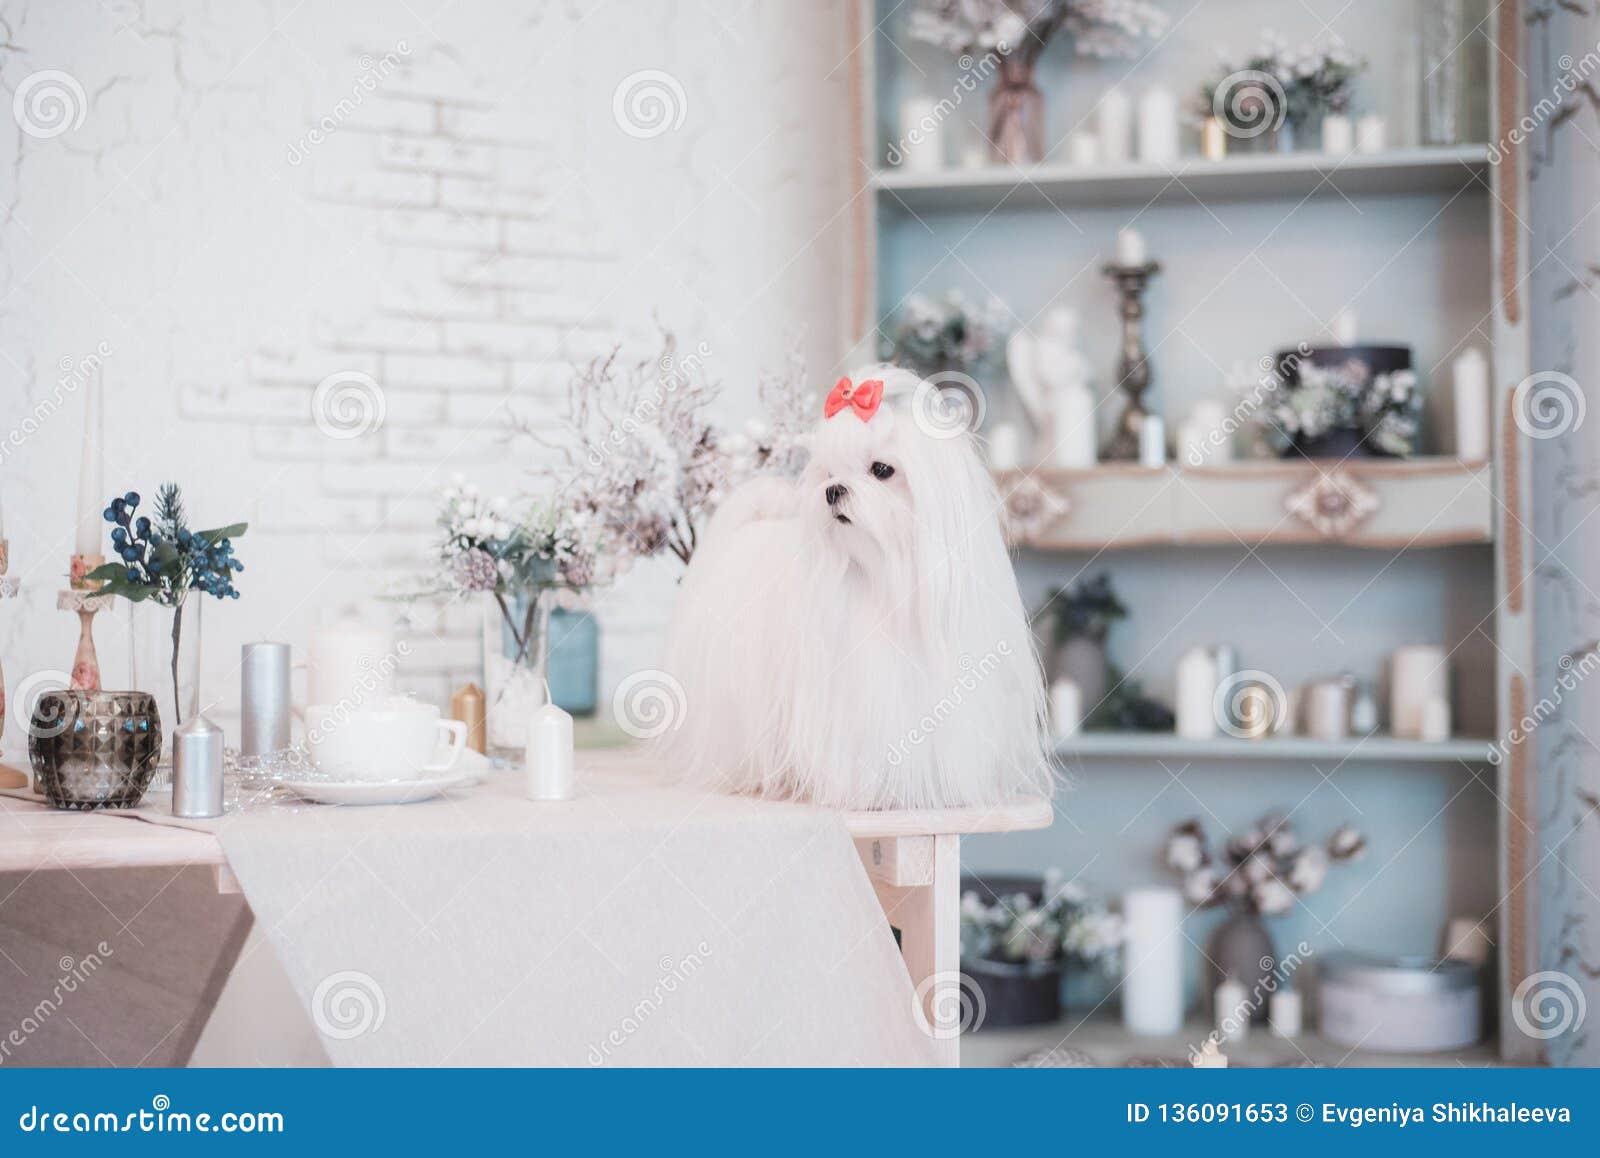 Bezauberndes weißes maltesisches in einem stilvollen Innenraum